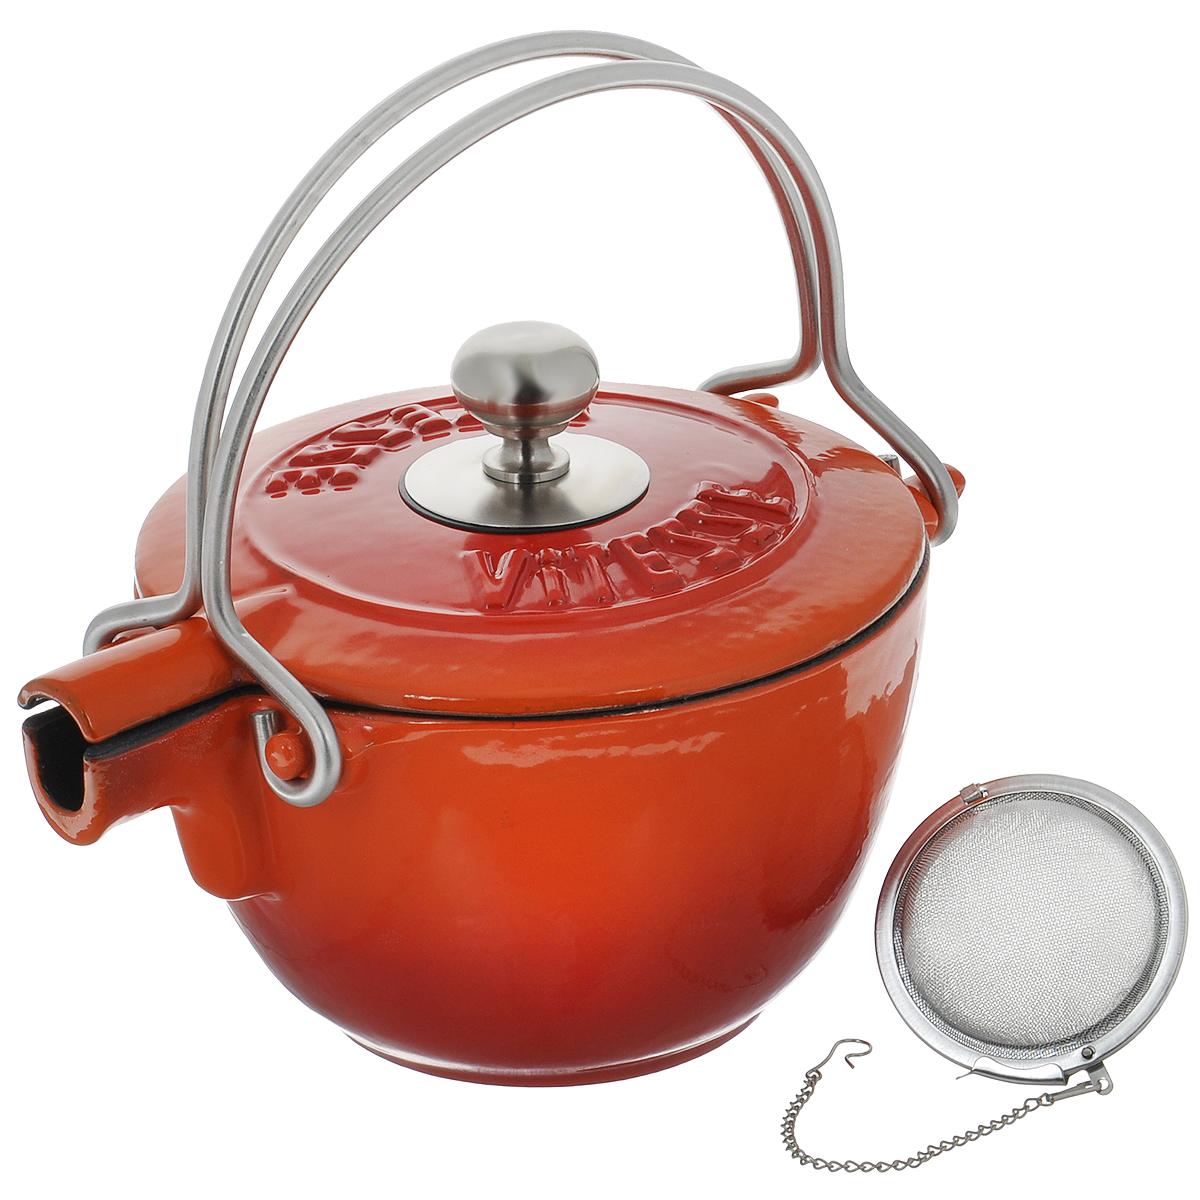 Чайник заварочный Vitesse Ferro, с ситечком, цвет: оранжевый, 1,15 лVS-2329_красныйЗаварочный чайник Vitesse Ferro изготовлен из чугуна с эмалированной внутренней и внешней поверхностью. Эмалированный чугун - это железо, на которое наложено прочное стекловидное эмалевое покрытие. Такая посуда отлично подходит для приготовления традиционной здоровой пищи. Чугун является наилучшим материалом, который долго удерживает и равномерно распределяет тепло. Благодаря особым качествам эмали, чем дольше вы используете посуду, тем лучше становятся ее эксплуатационные характеристики. Чугун обладает высокой прочностью, износоустойчивостью и антикоррозийными свойствами. Чайник оснащен двумя металлическими ручками и крышкой. Металлическое ситечко на цепочке с крючком - в комплекте. Можно готовить на газовых, электрических, стеклокерамических, галогенных, индукционных плитах. Подходит для мытья в посудомоечной машине. Высота чайника (без учета ручки и крышки): 10,5 см. Диаметр чайника (по верхнему краю): 15,5 см. Диаметр ситечка: 6 см....